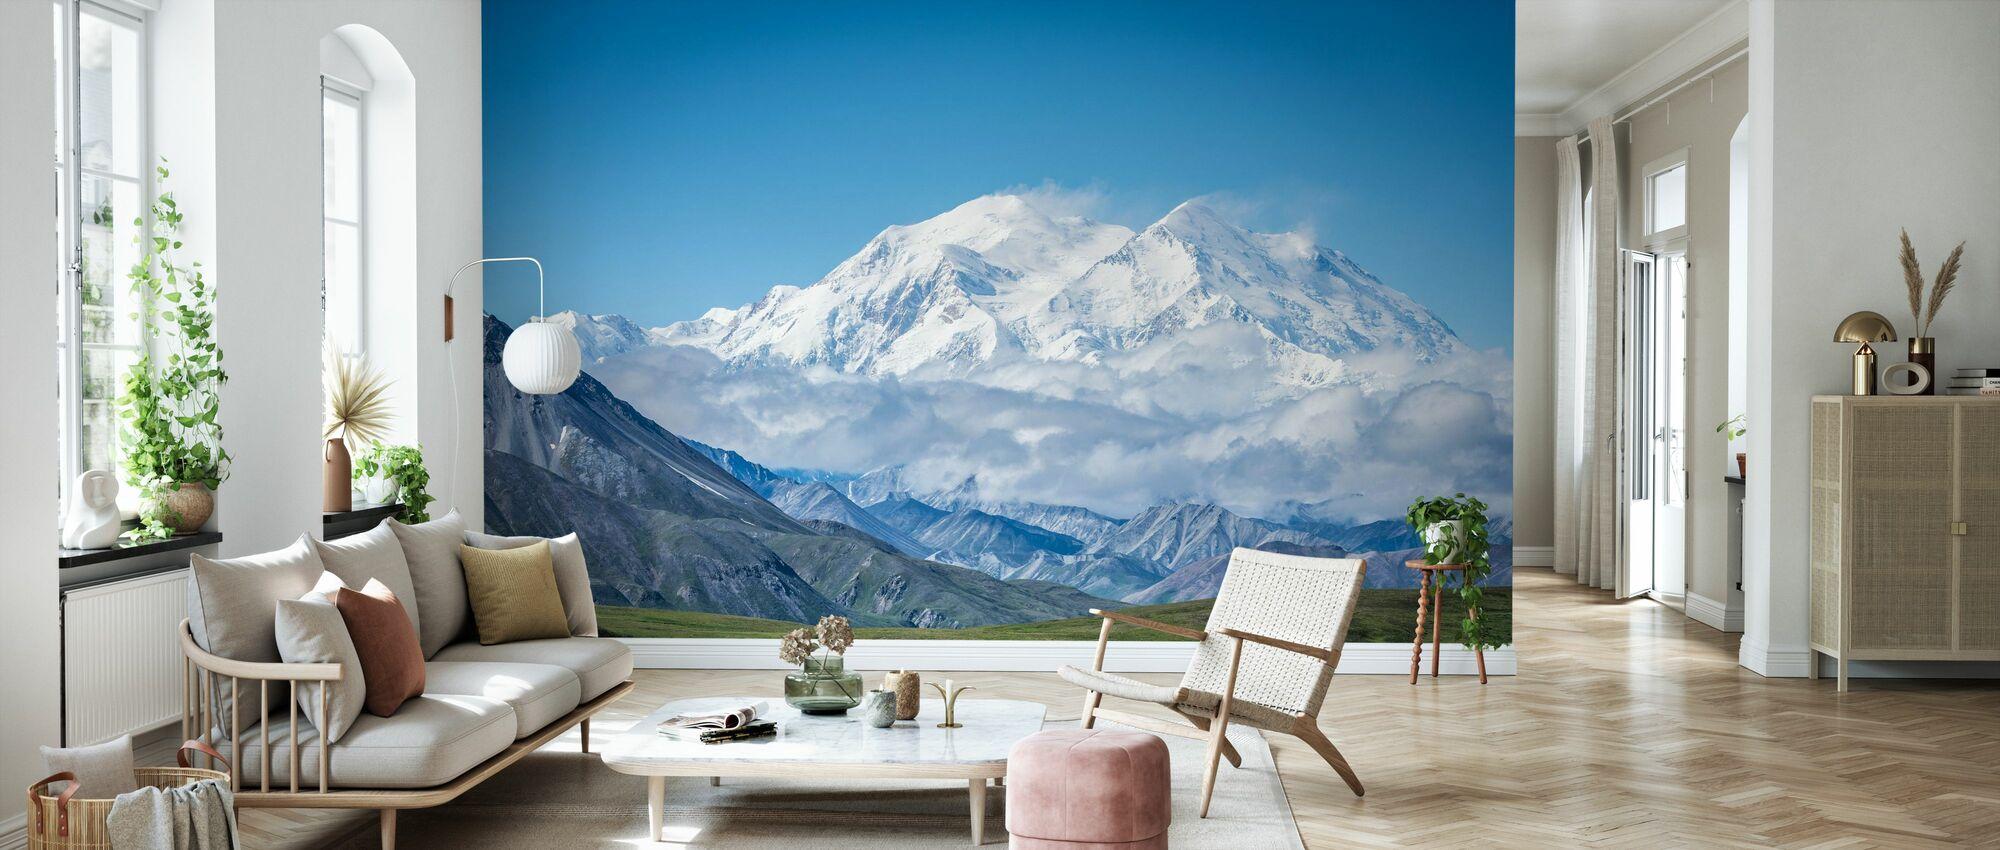 Mt Denali Alaska - Wallpaper - Living Room